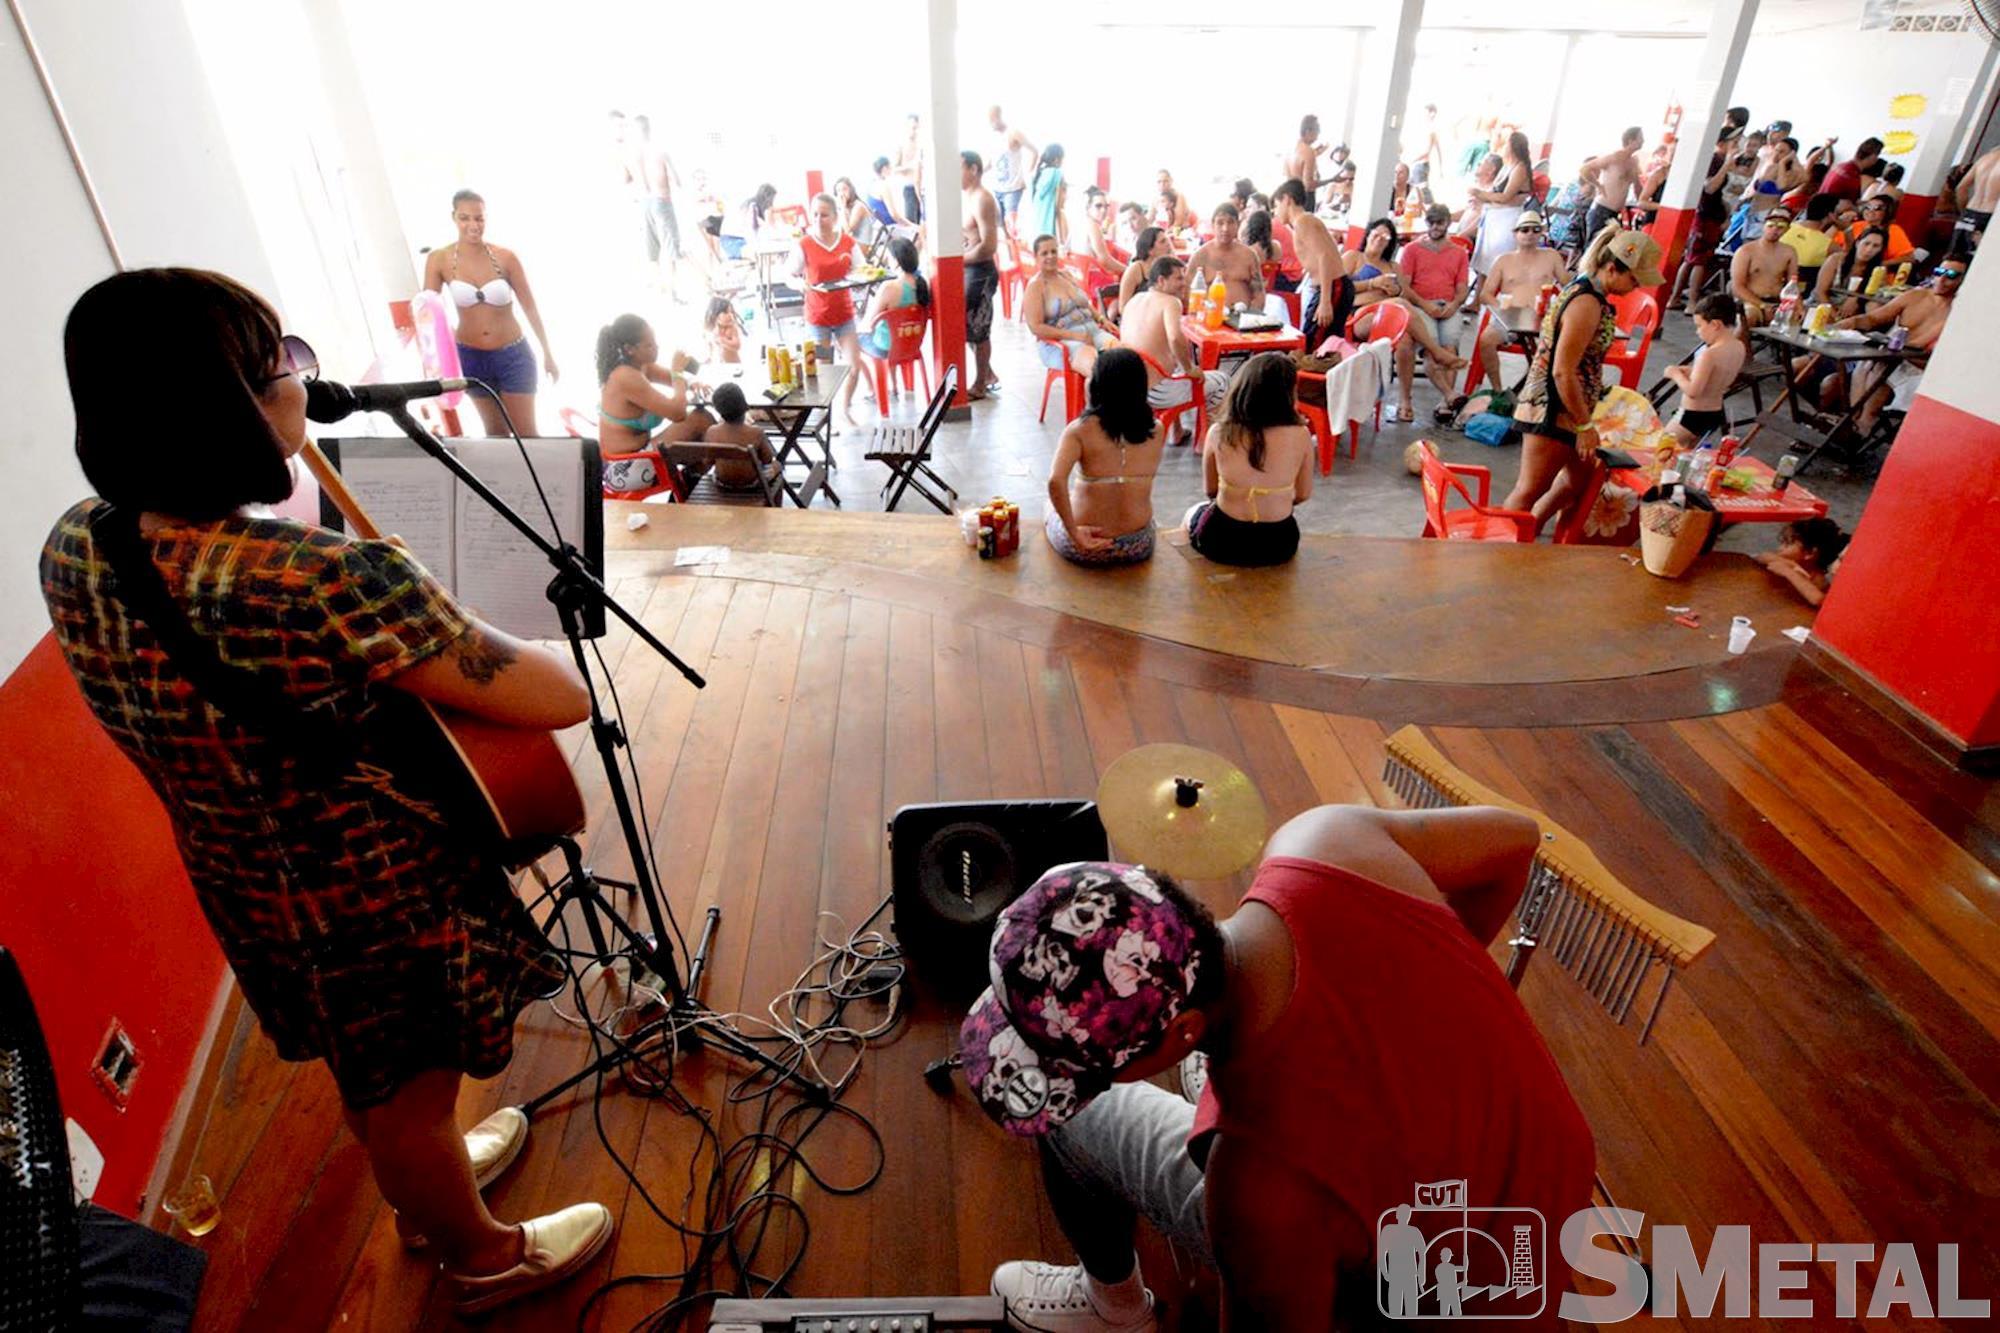 Dia das Crianças no Clube de Campo do SMetal, criança,  clube,  smetal, Foguinho/Imprensa SMetal, Confira fotos do Dia das Crianças no Clube de Campo do SMetal